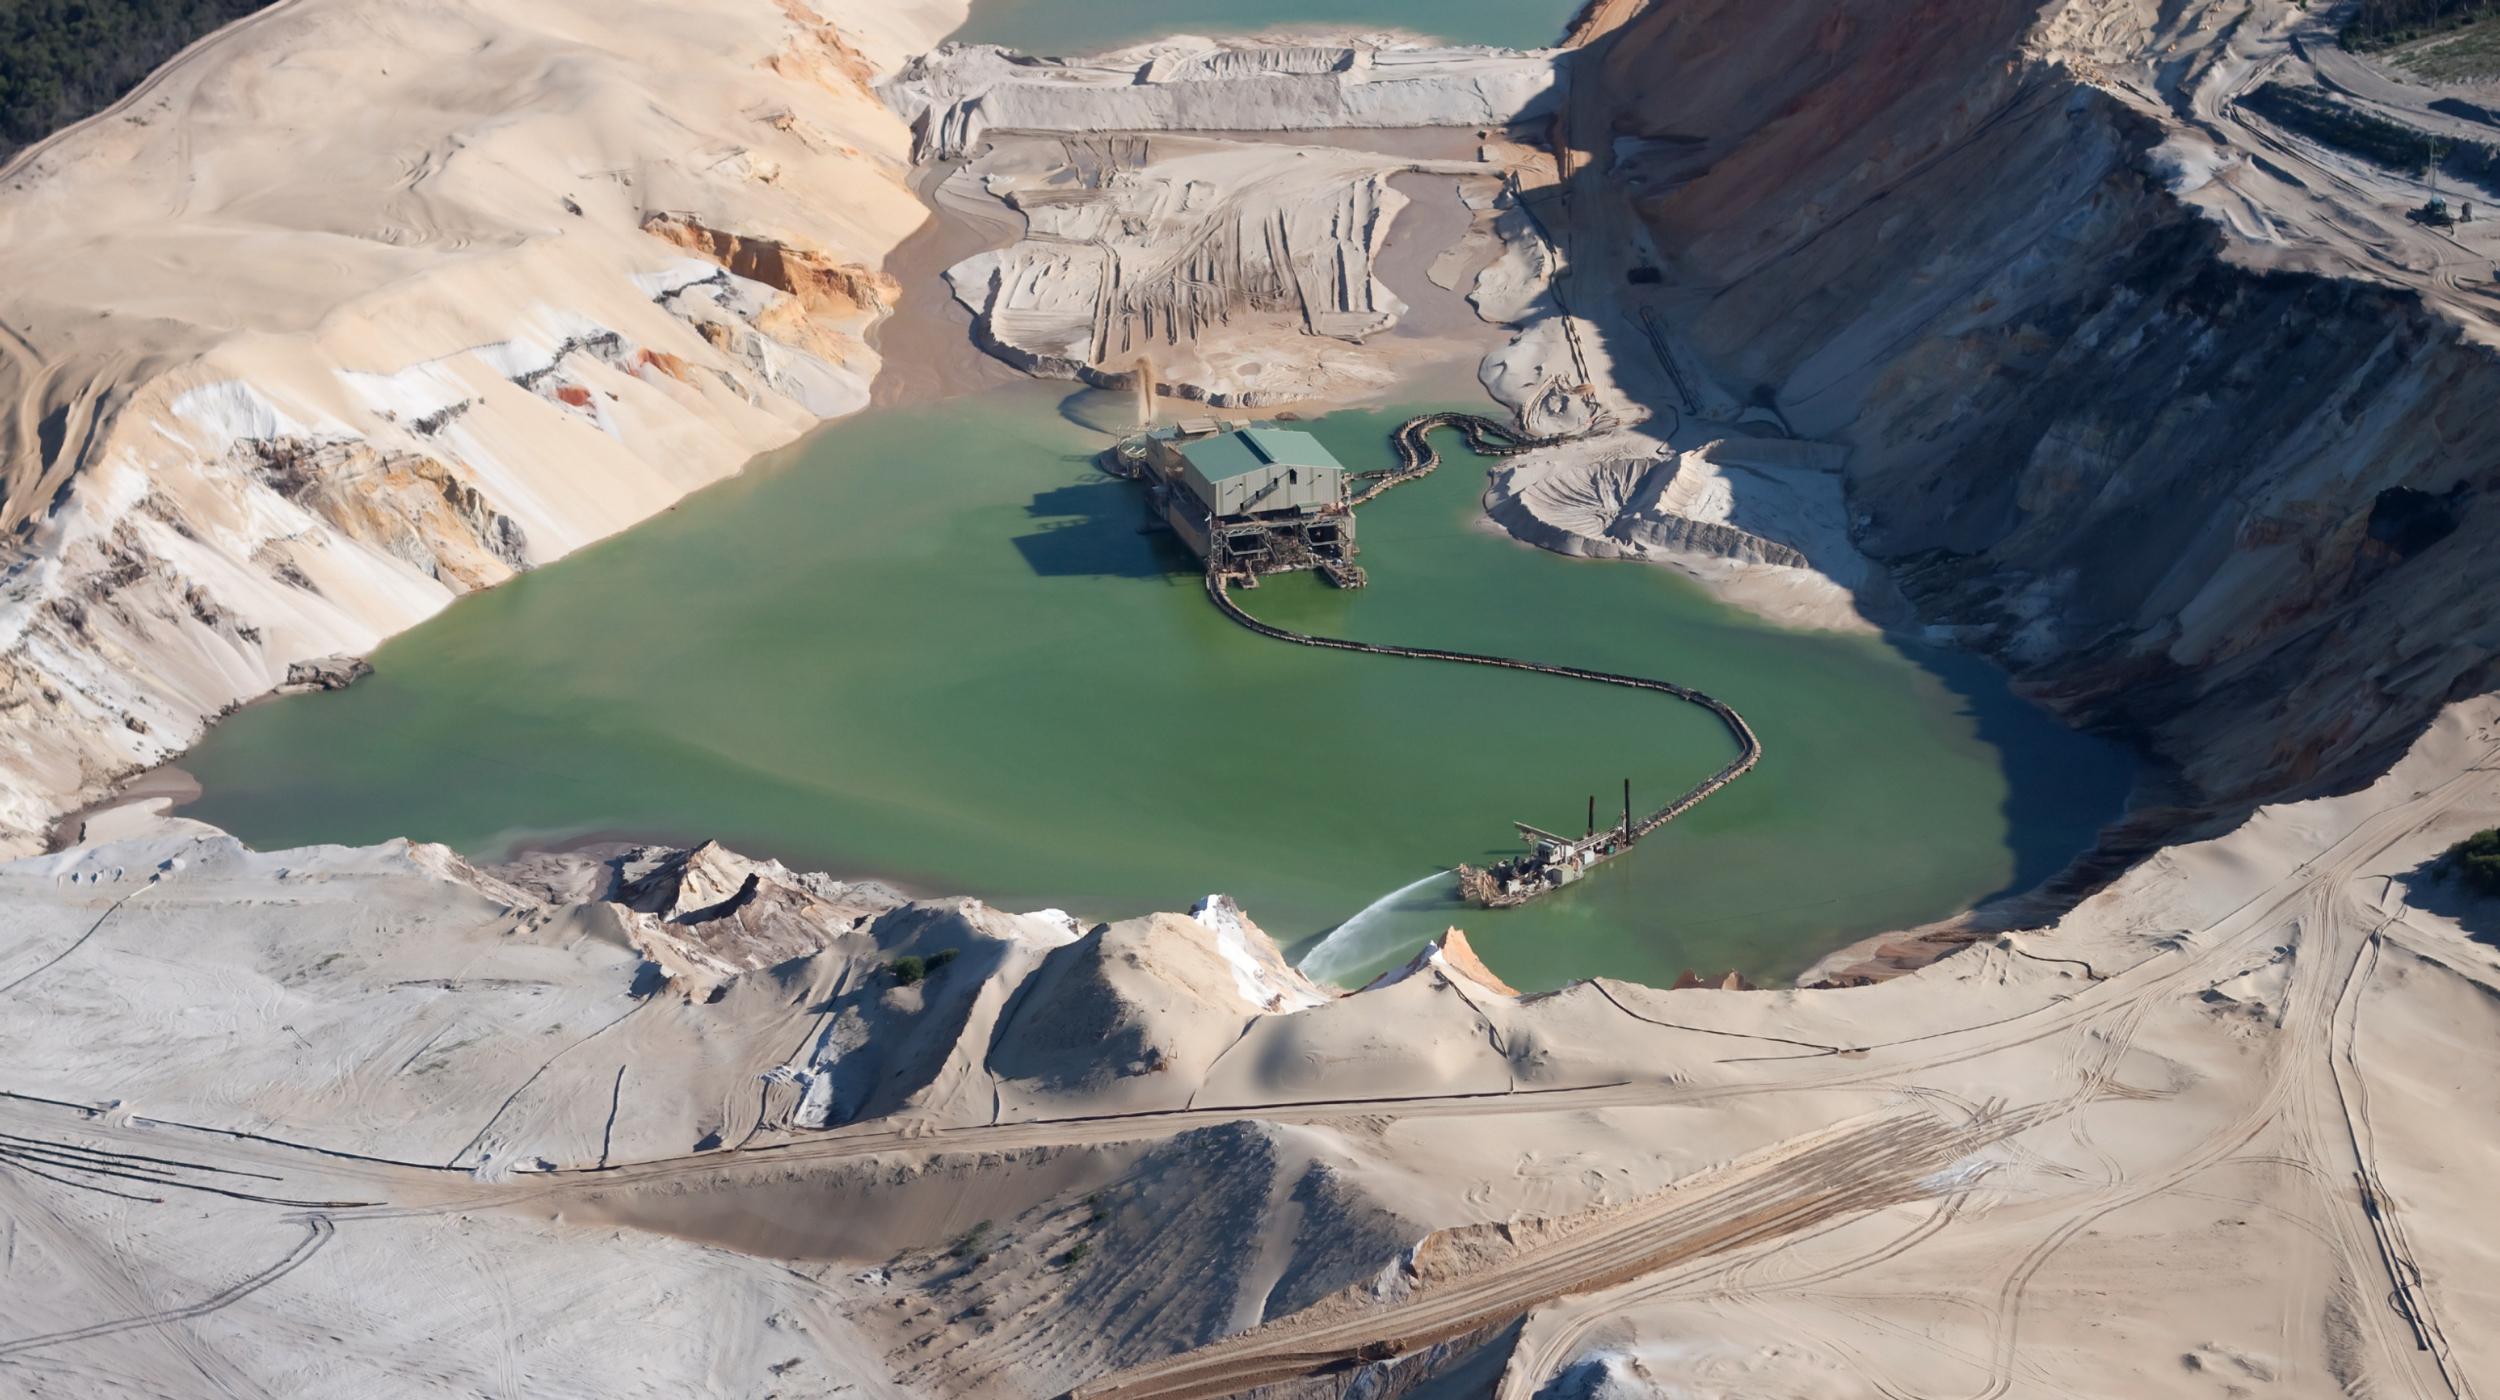 Quarry Dewatering